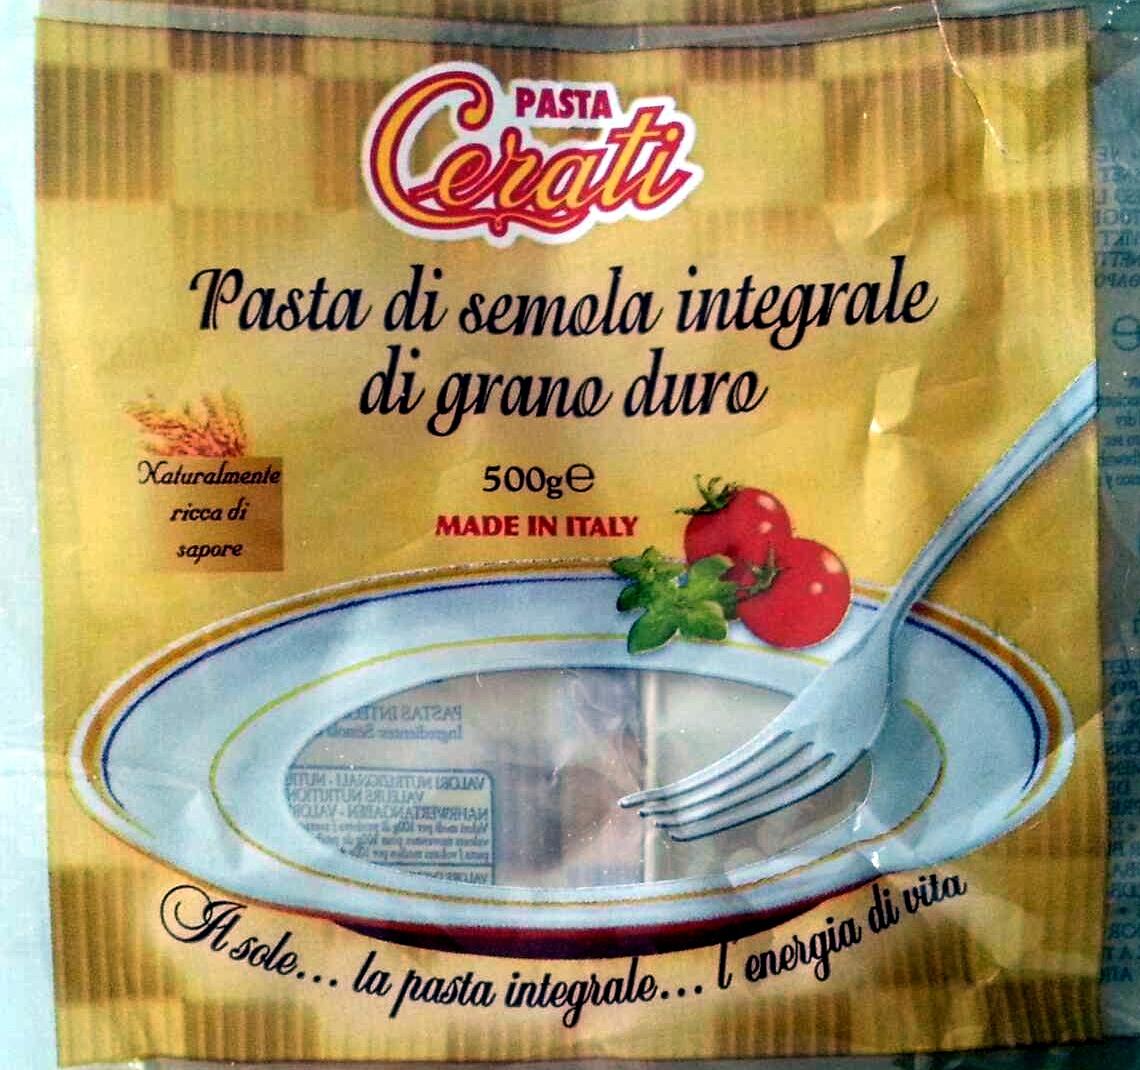 Pasta di semola integrale di grano duro cerati 500 g for Cuisine integrale